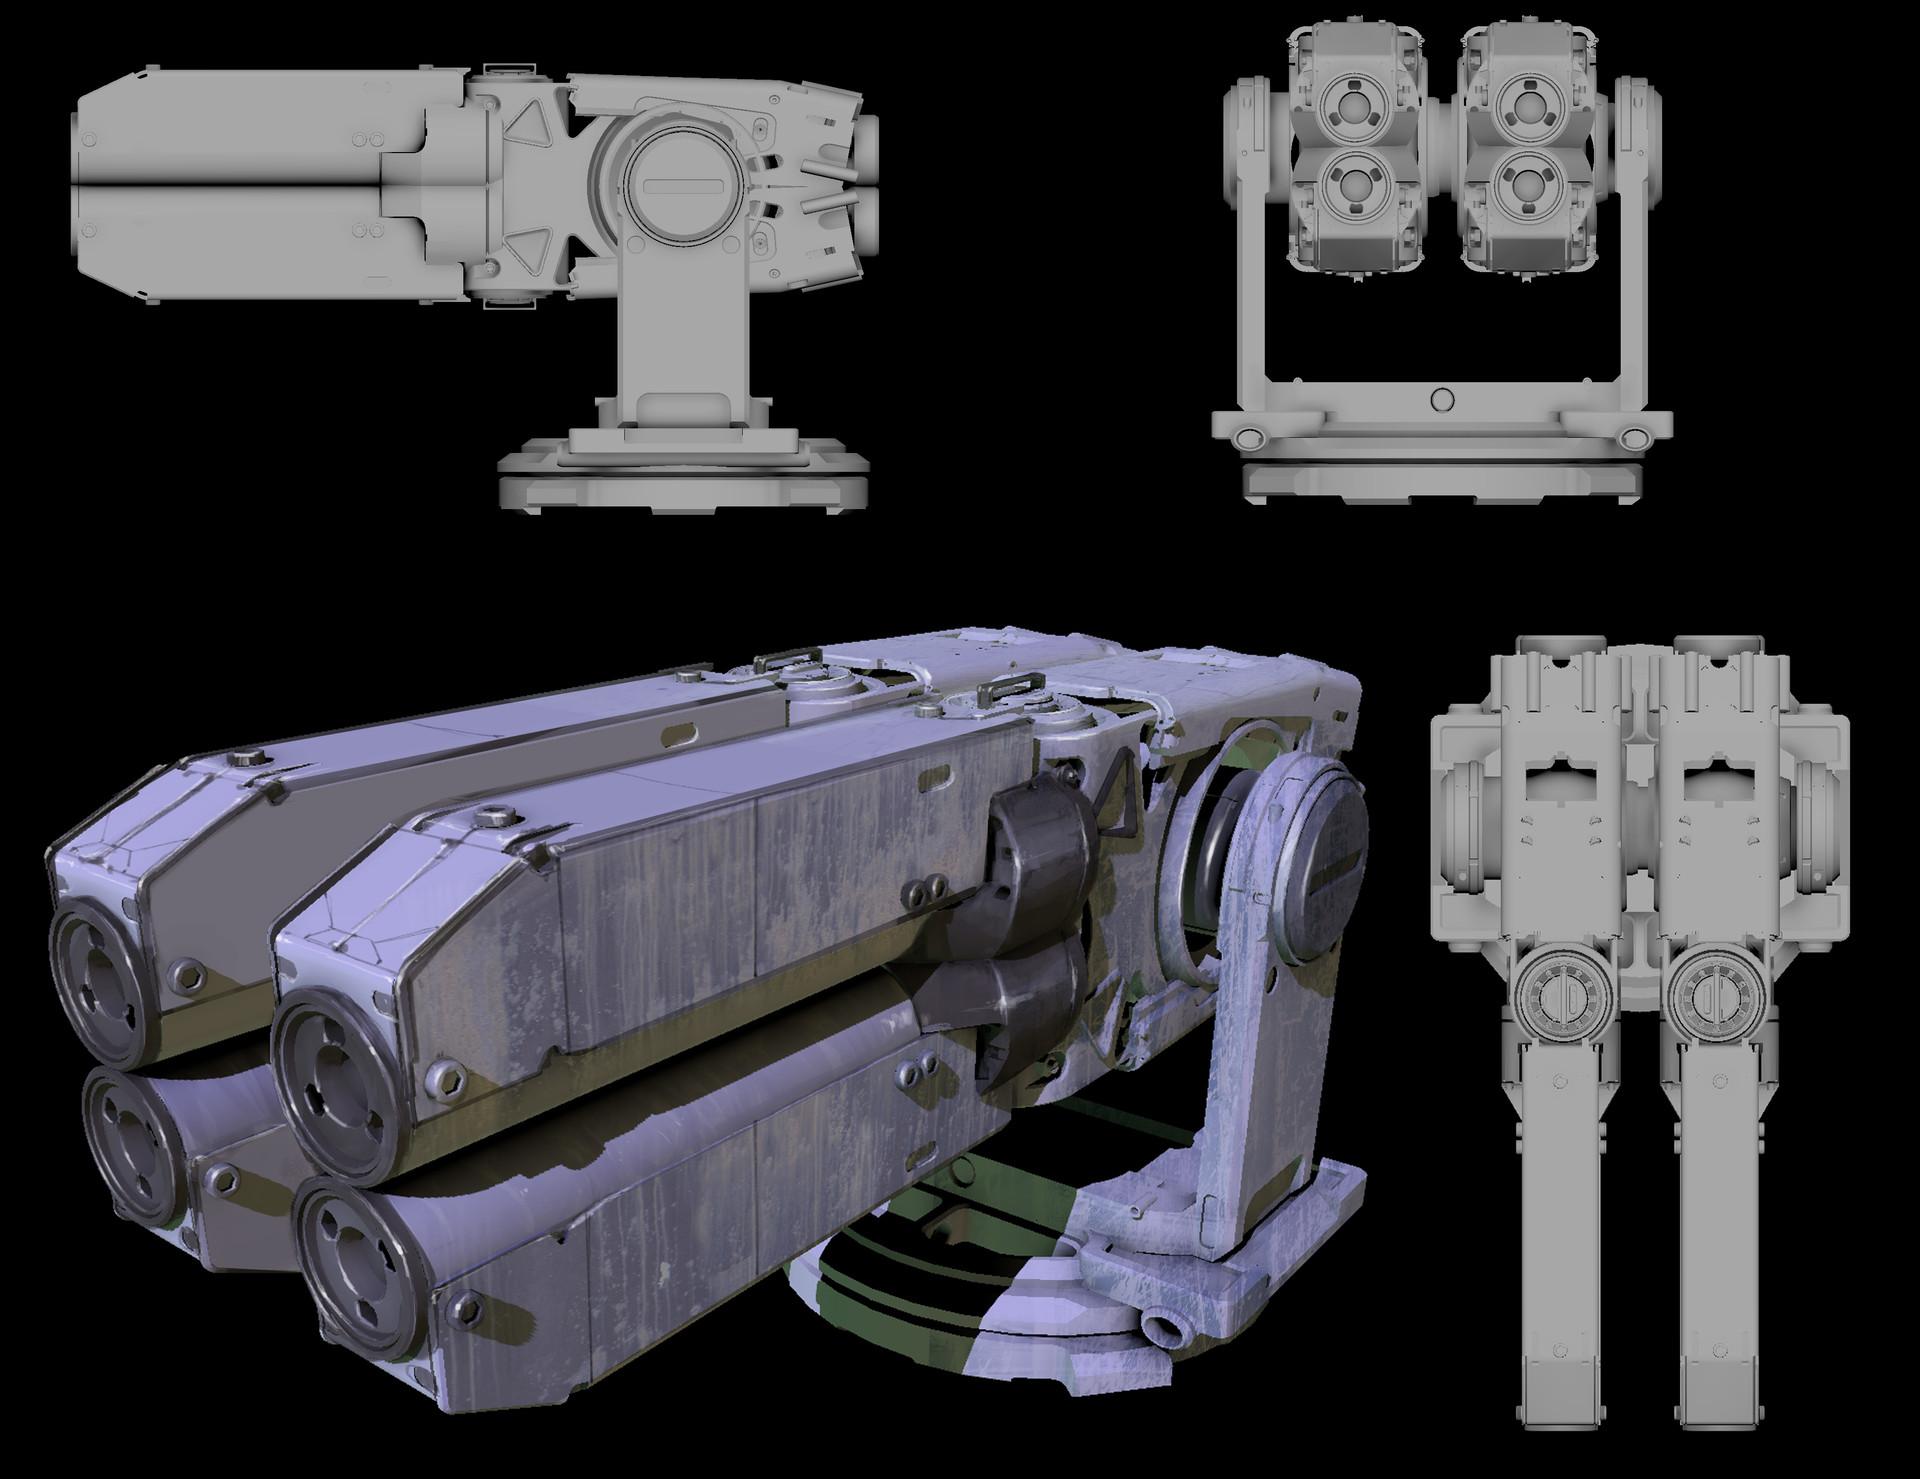 Jeff bartzis seer freighter guns 001